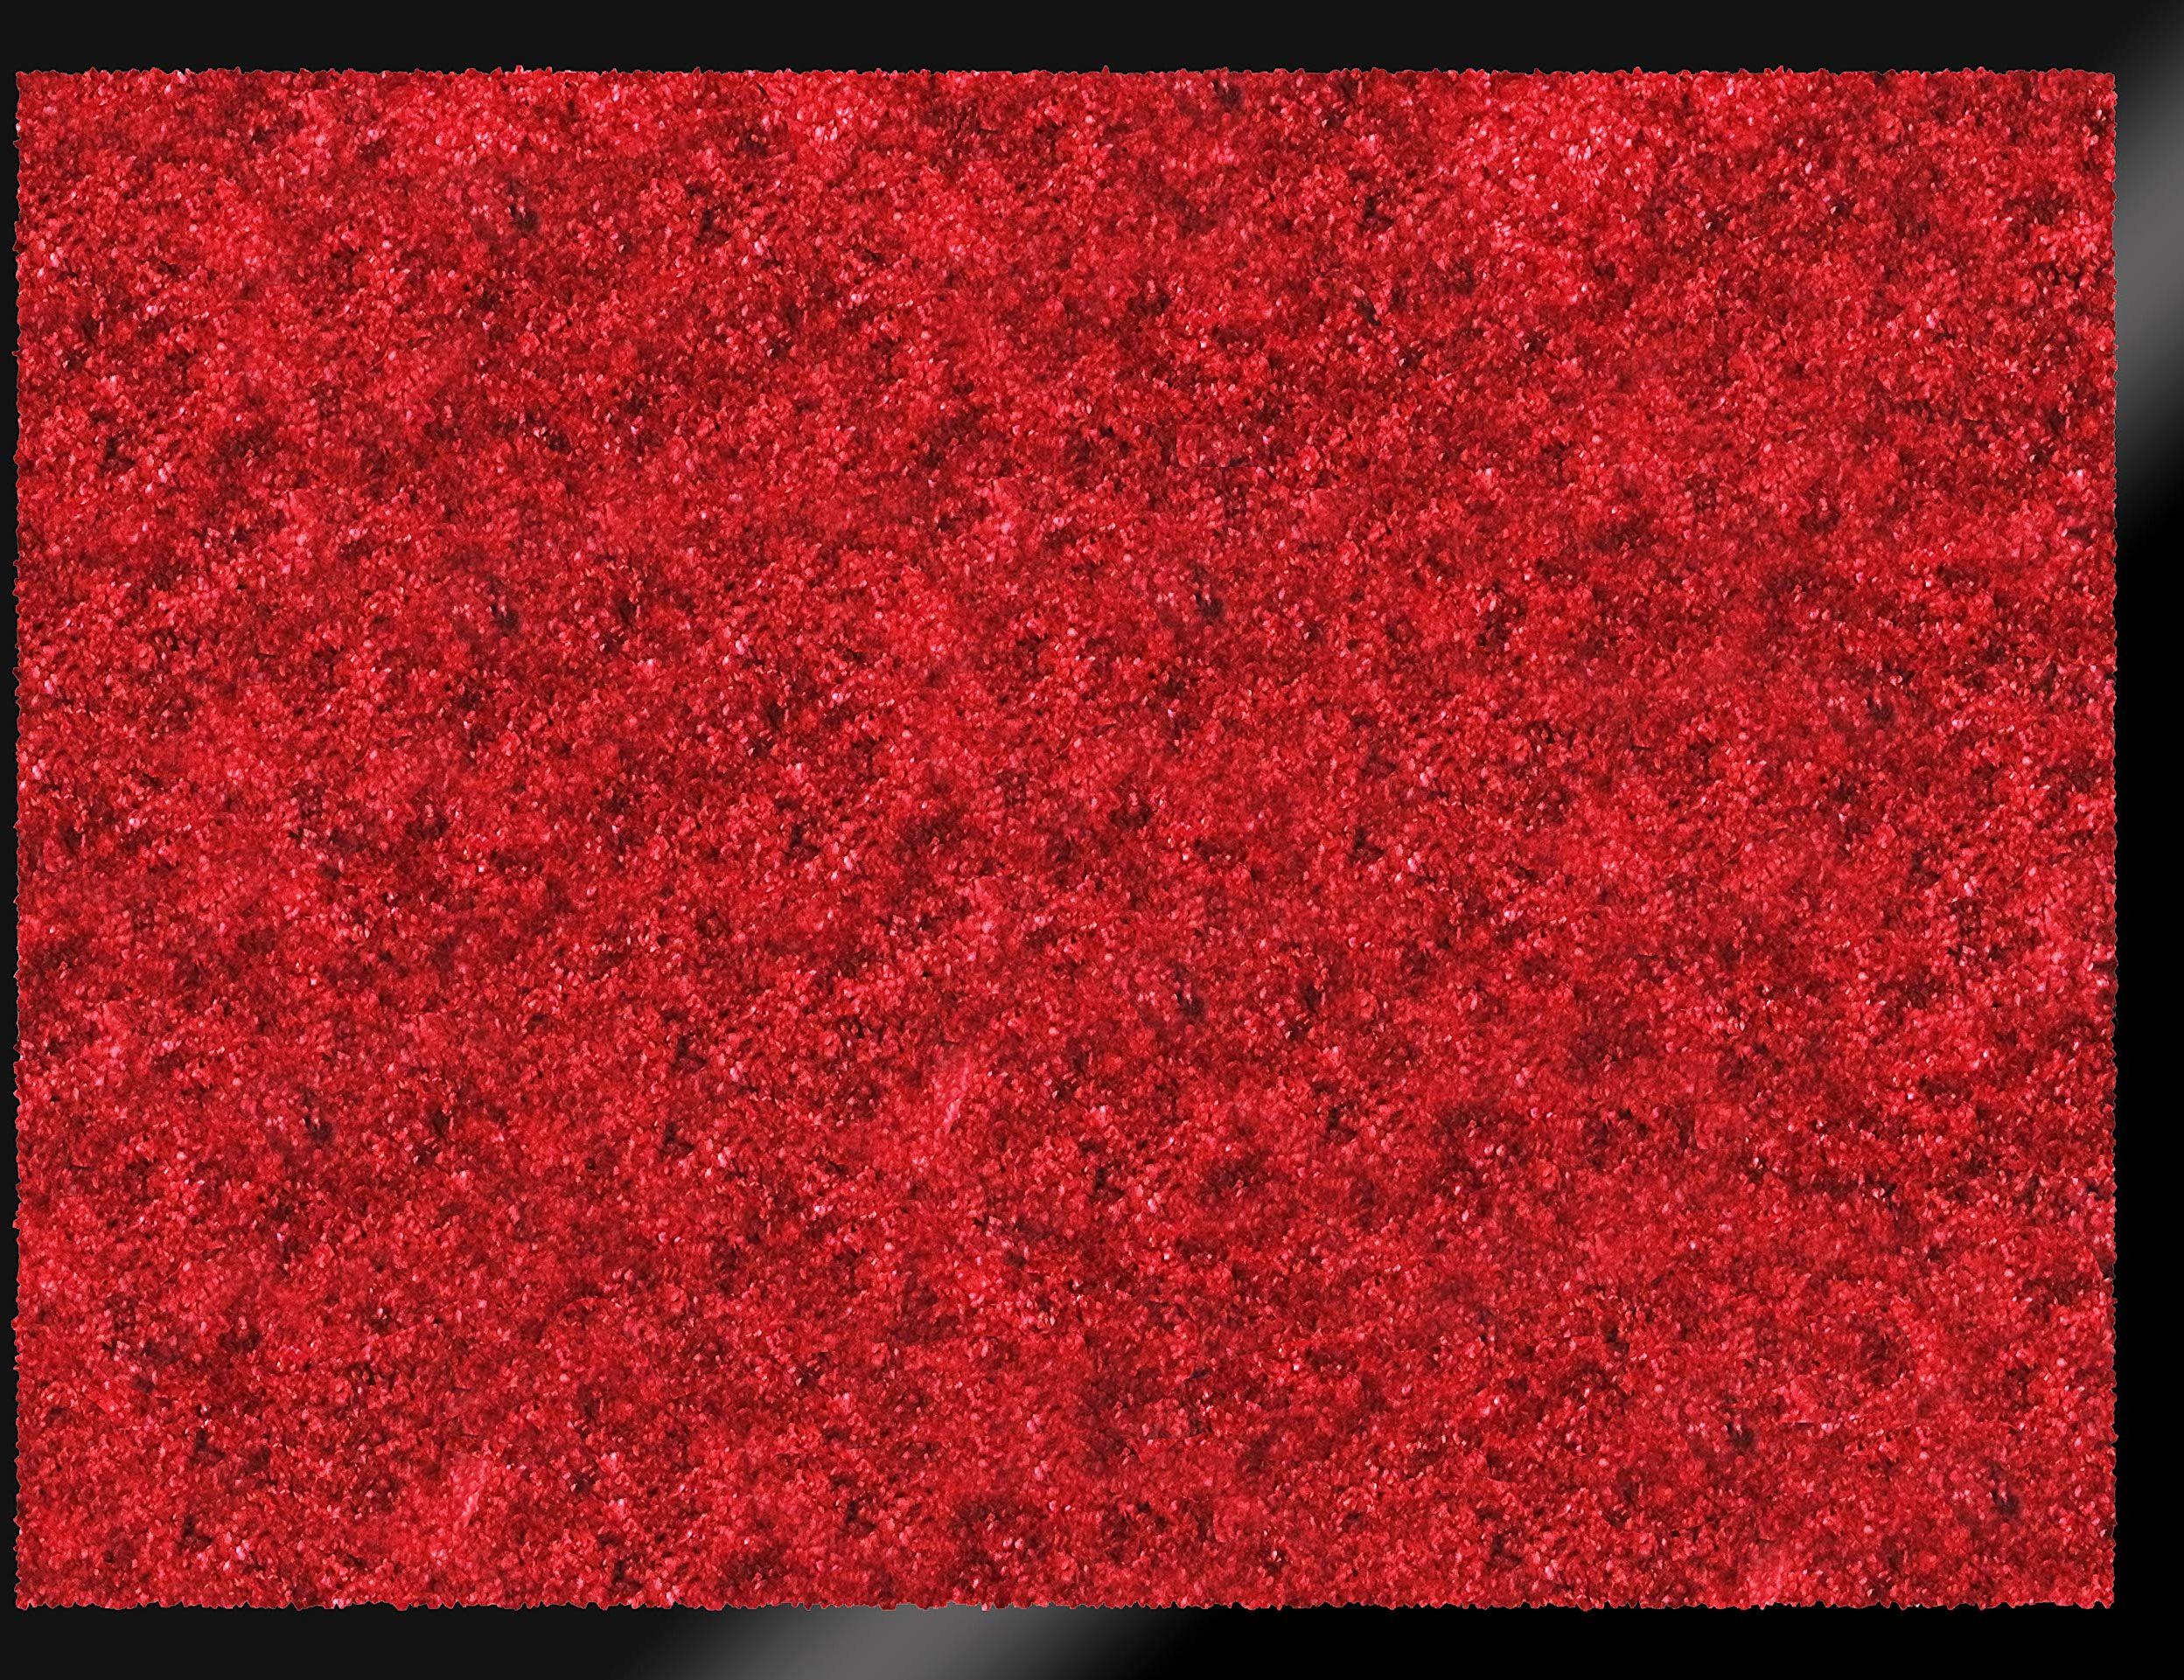 ID mat t miękki, włókna syntetyczne, czerwony, 60 x 80 x 0,9 cm